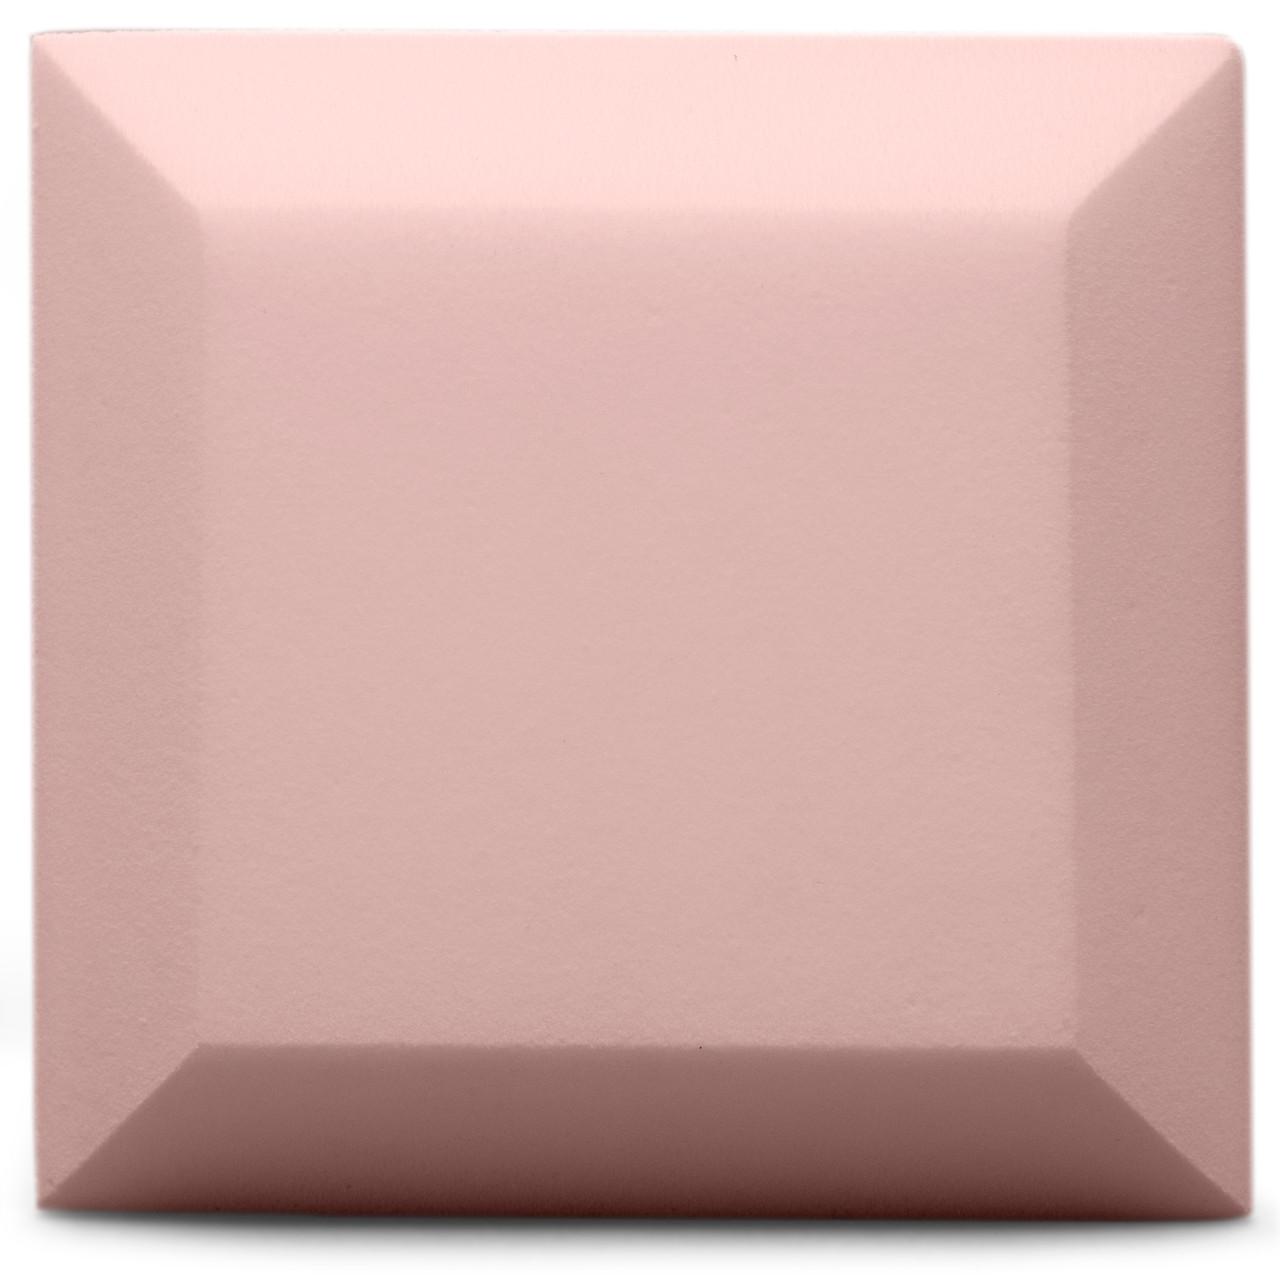 Бархатная акустическая панель из акустического поролона Ecosound Velvet Rose 25х25см 50мм. Цвет светло-розовый